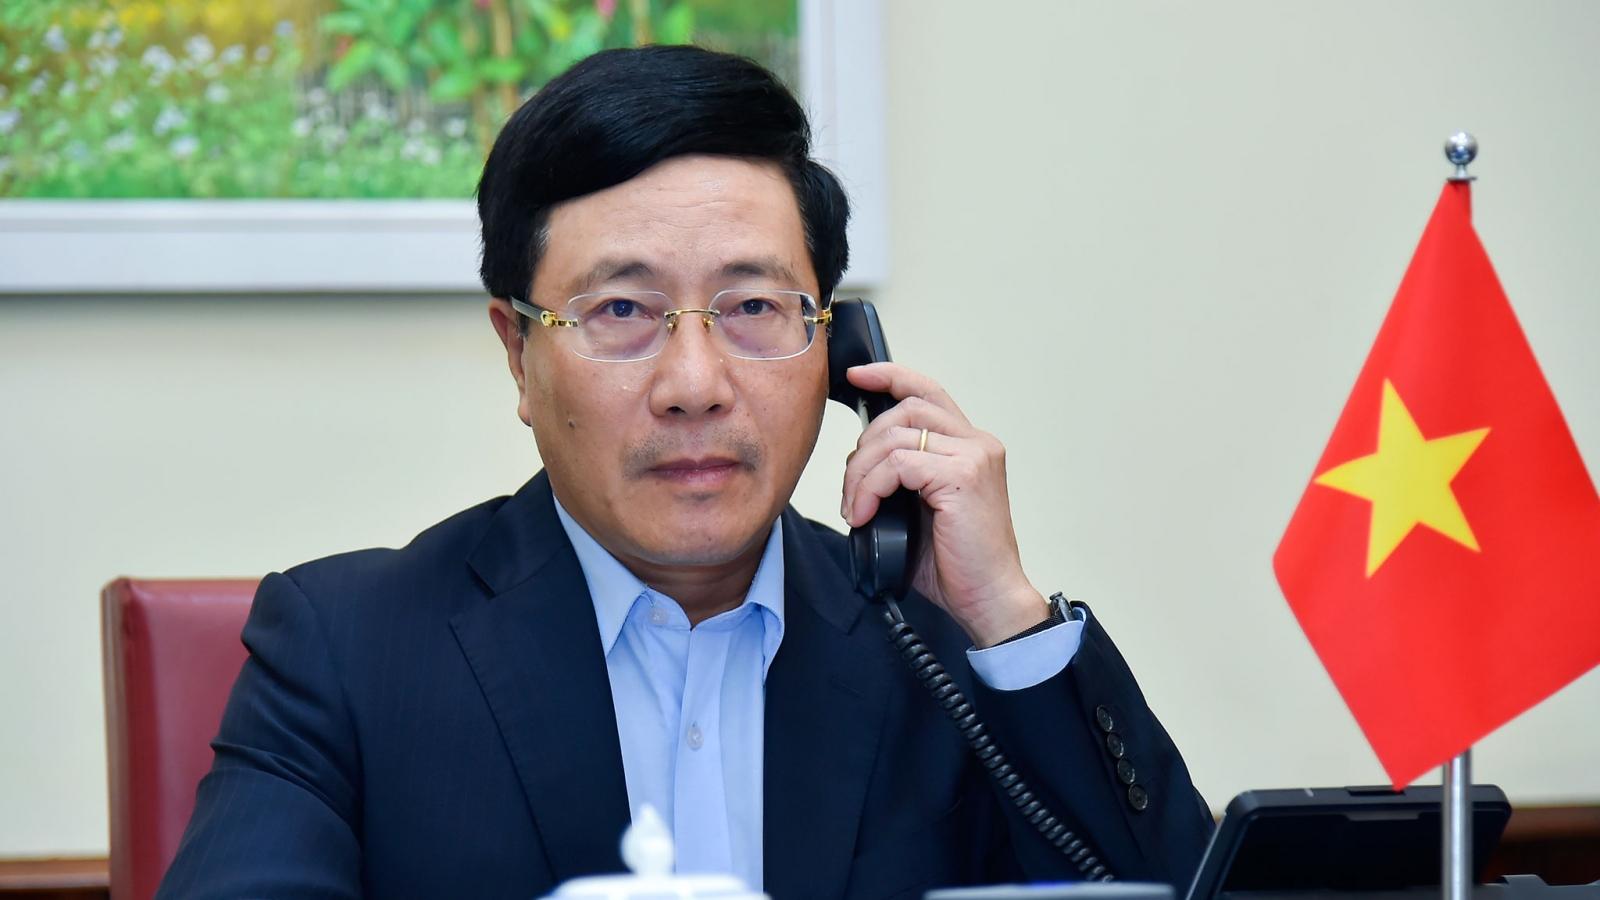 PTT, Bộ trưởng Ngoại giao Phạm Bình Minh điện đàm với Bộ trưởng Ngoại giao Maldives